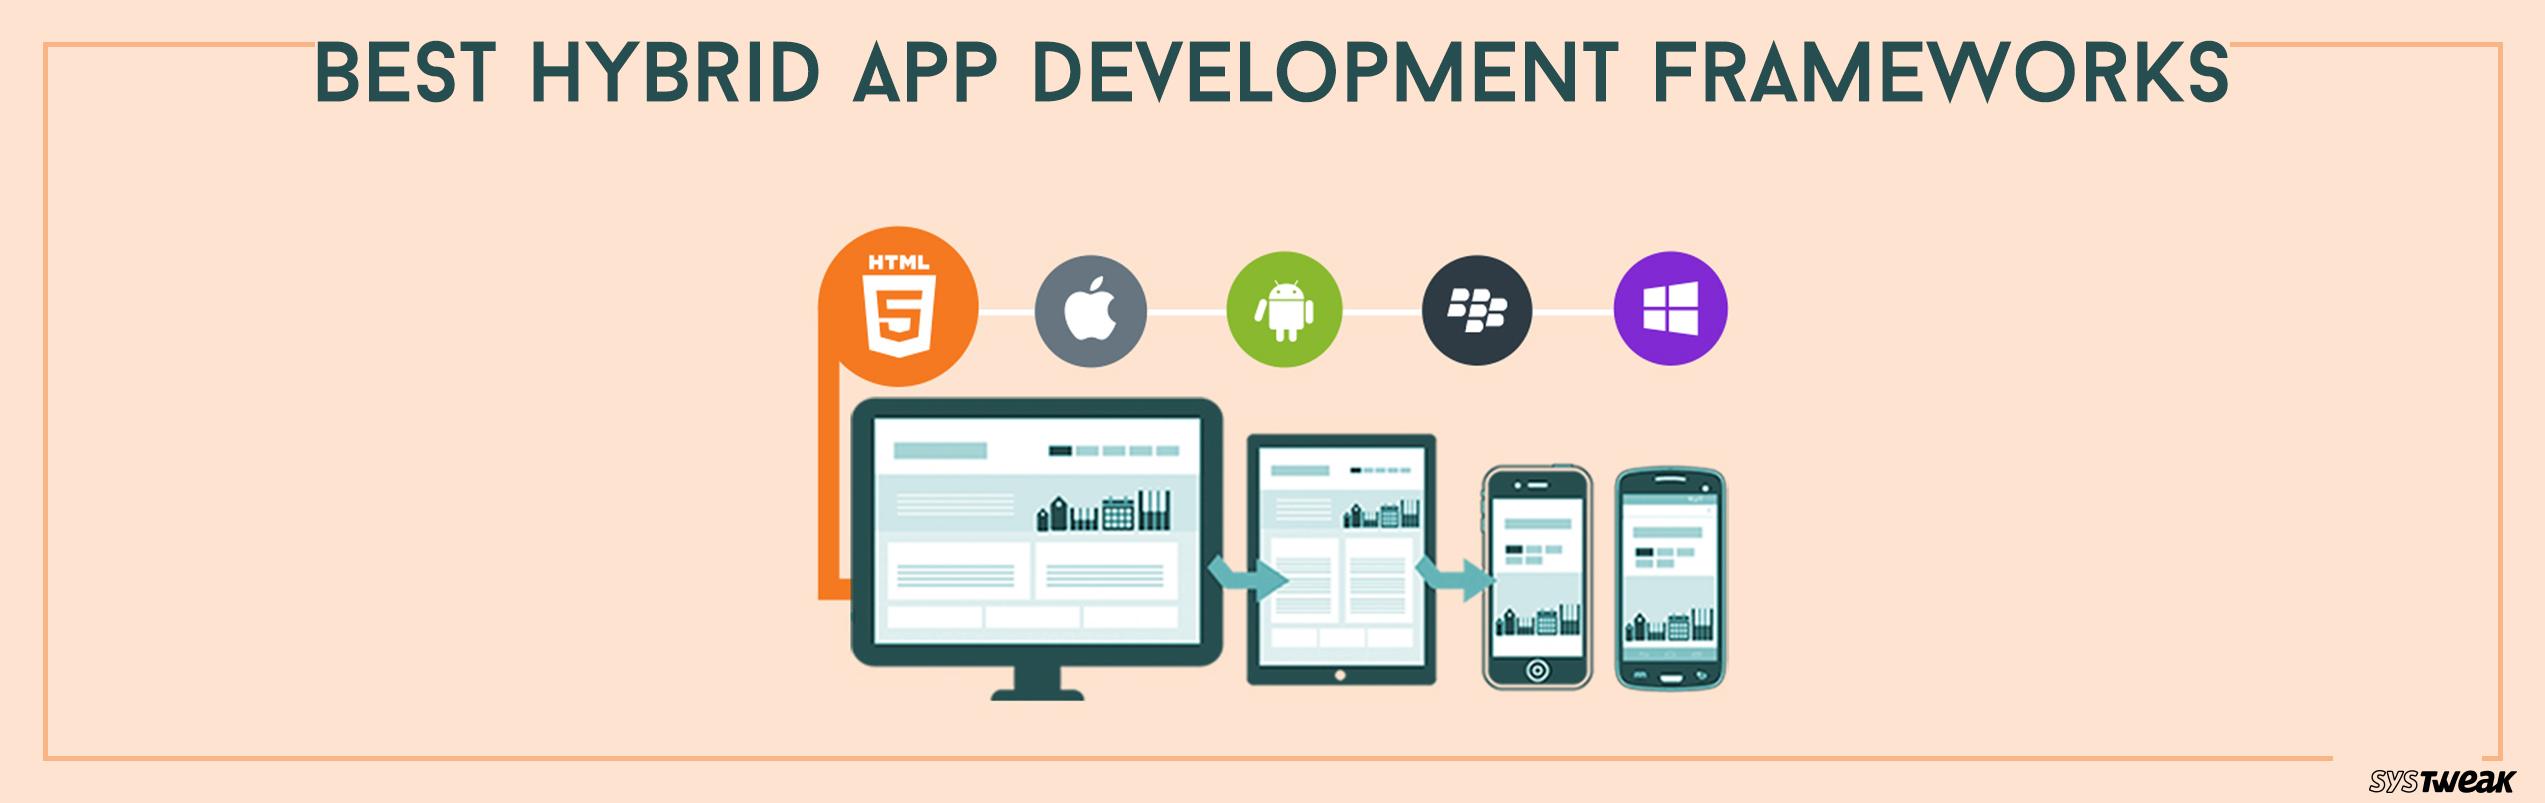 Best Hybrid App Development Frameworks In 2018